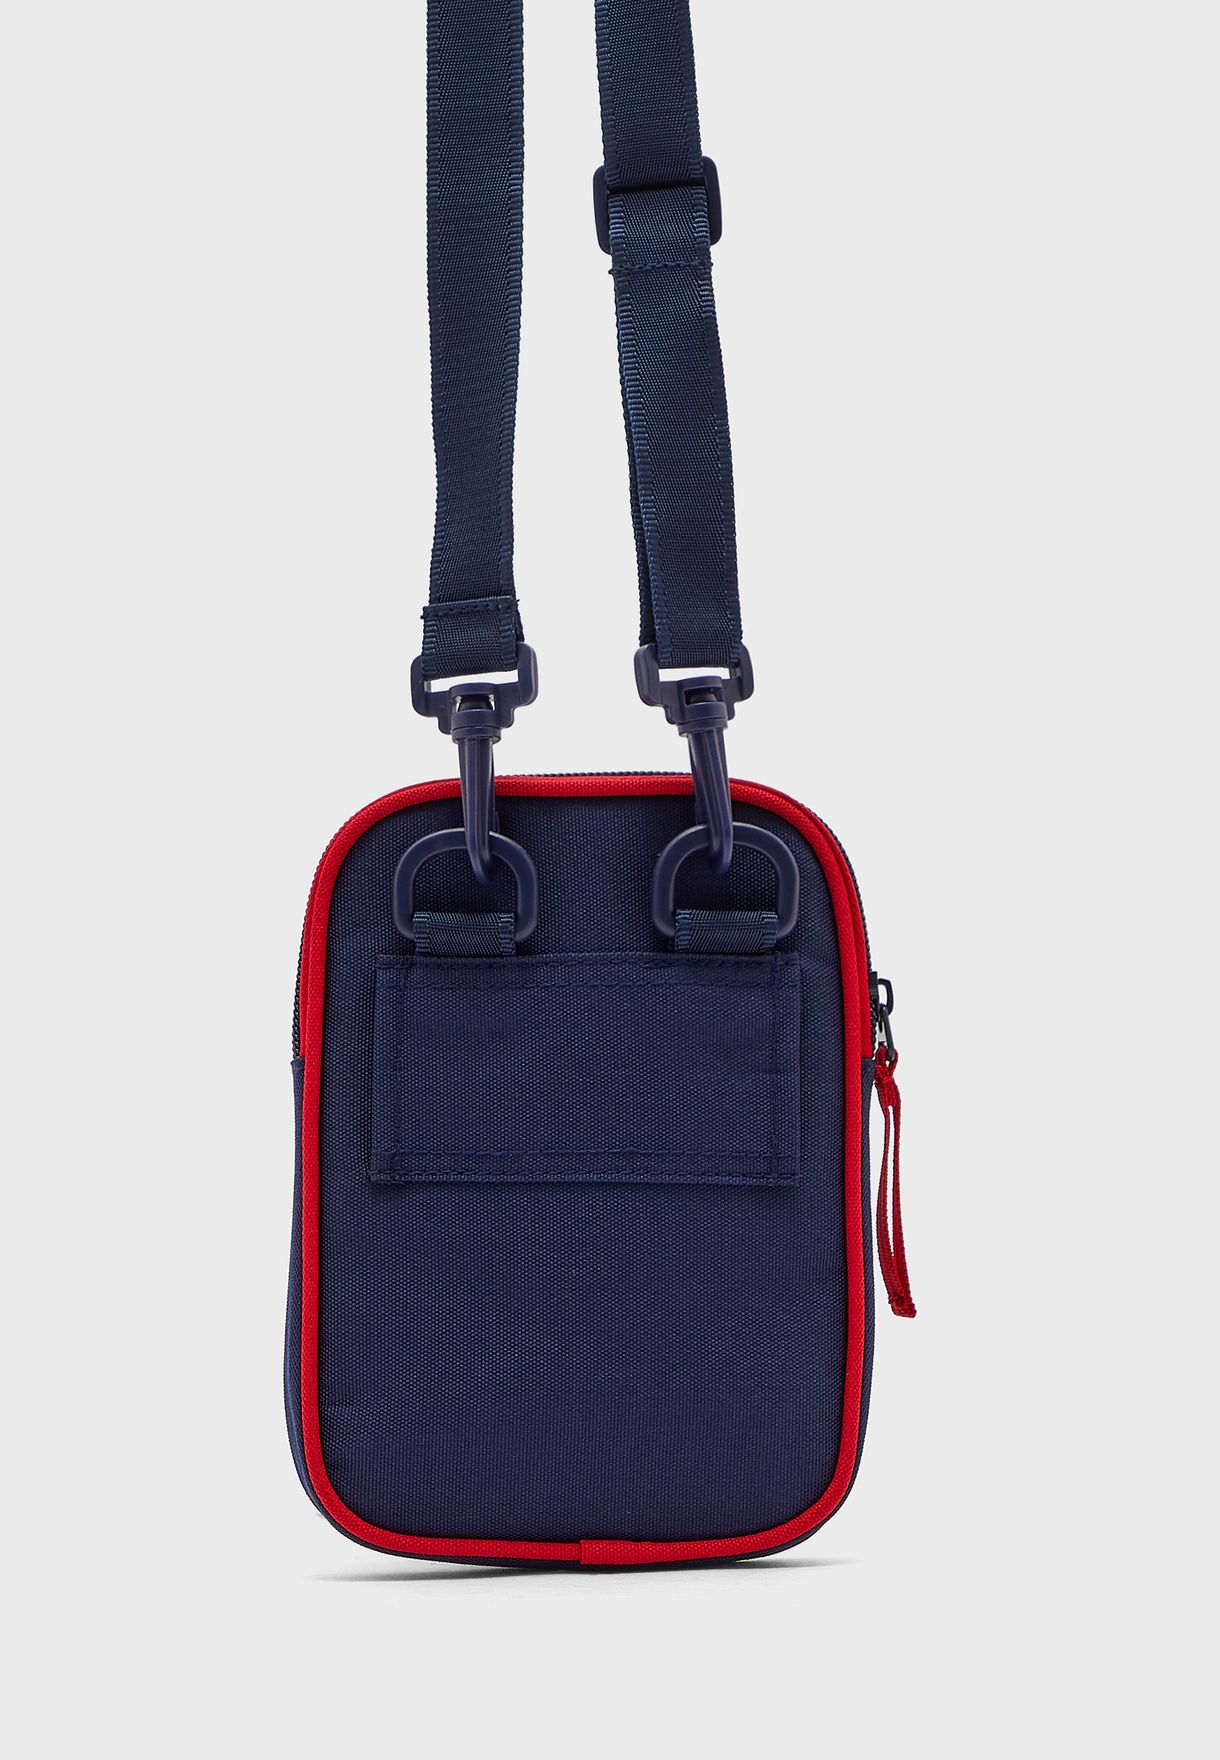 Trophy Messenger Bag